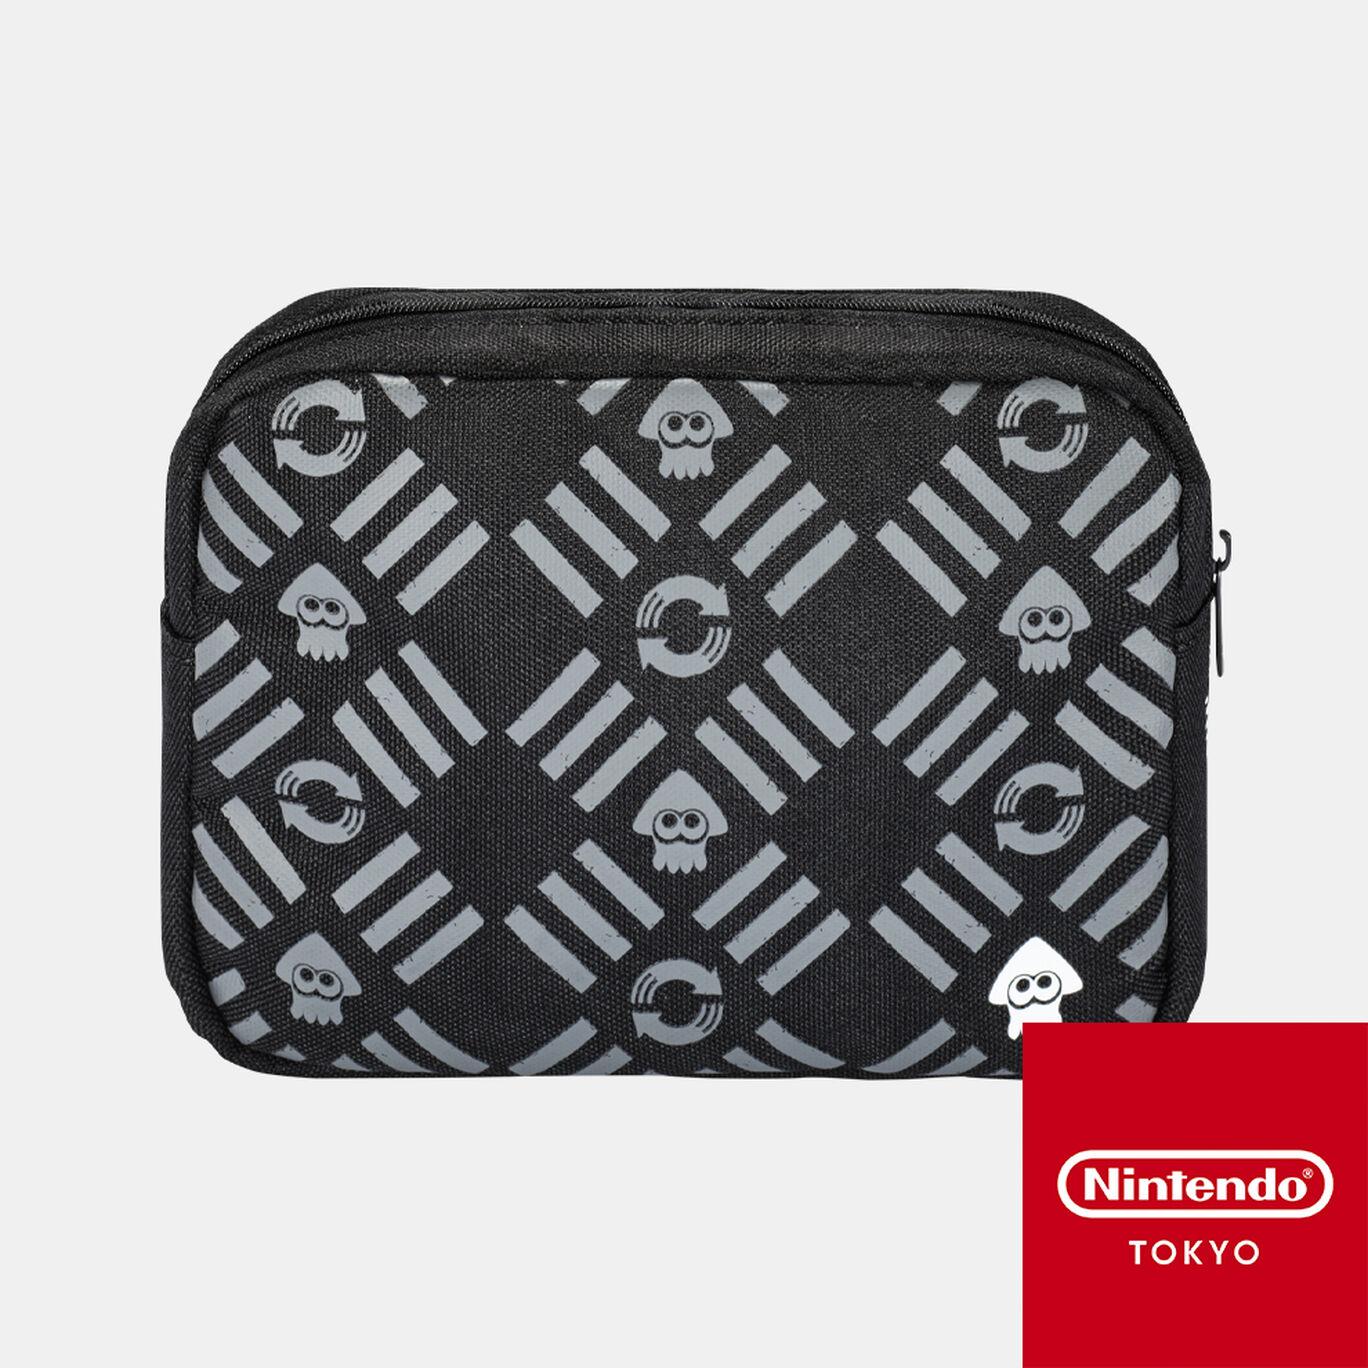 スクエアポーチ CROSSING SPLATOON【Nintendo TOKYO取り扱い商品】